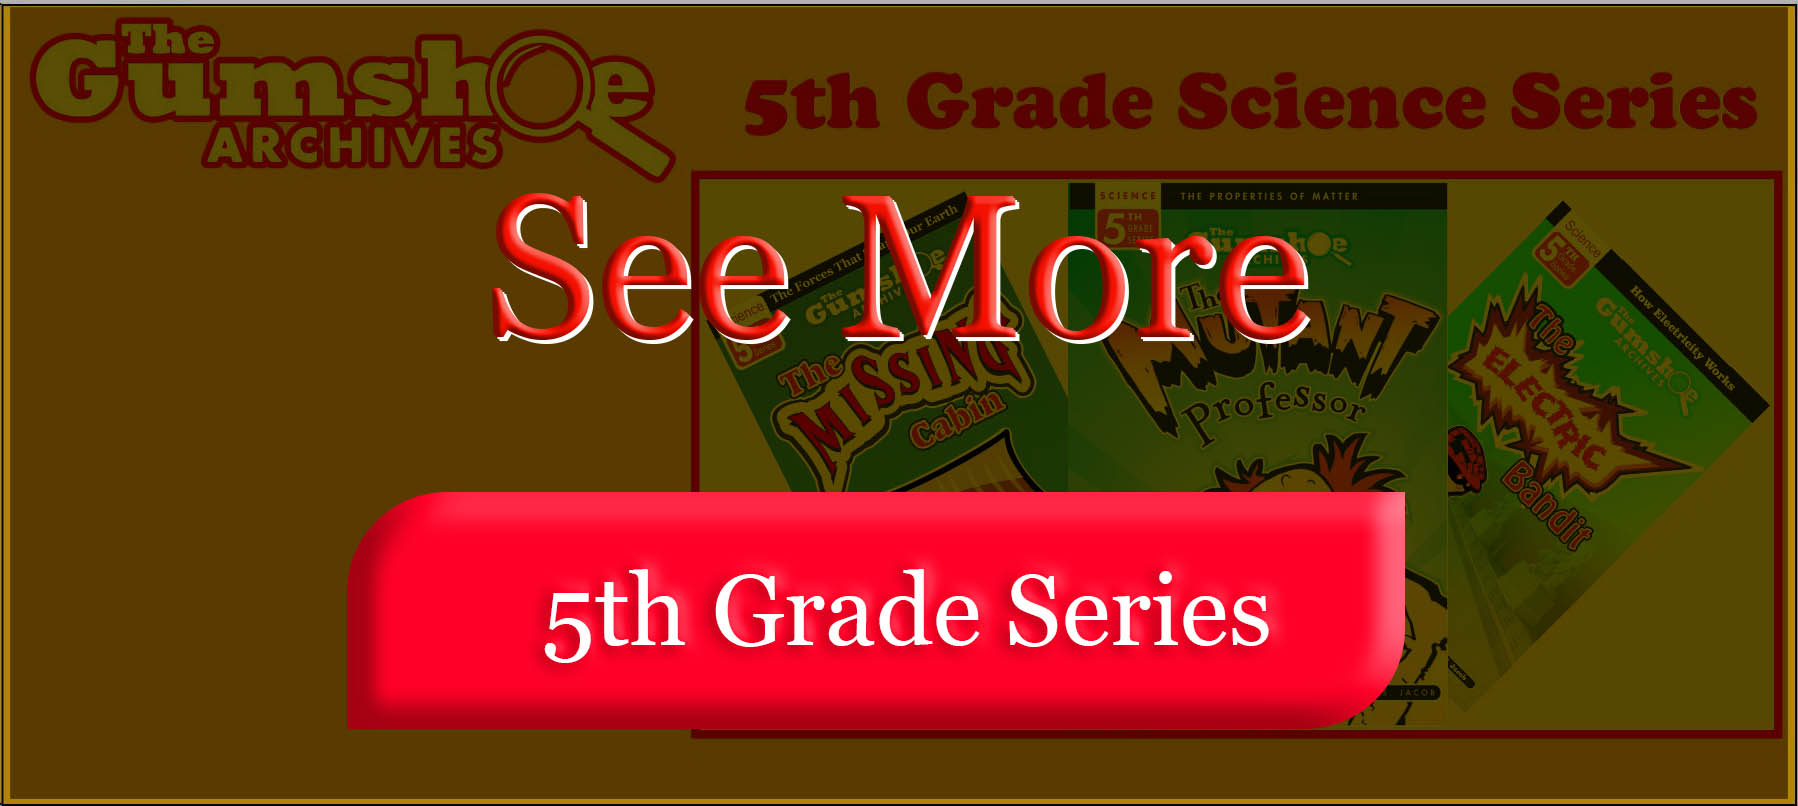 children's science books 5th grade hover image